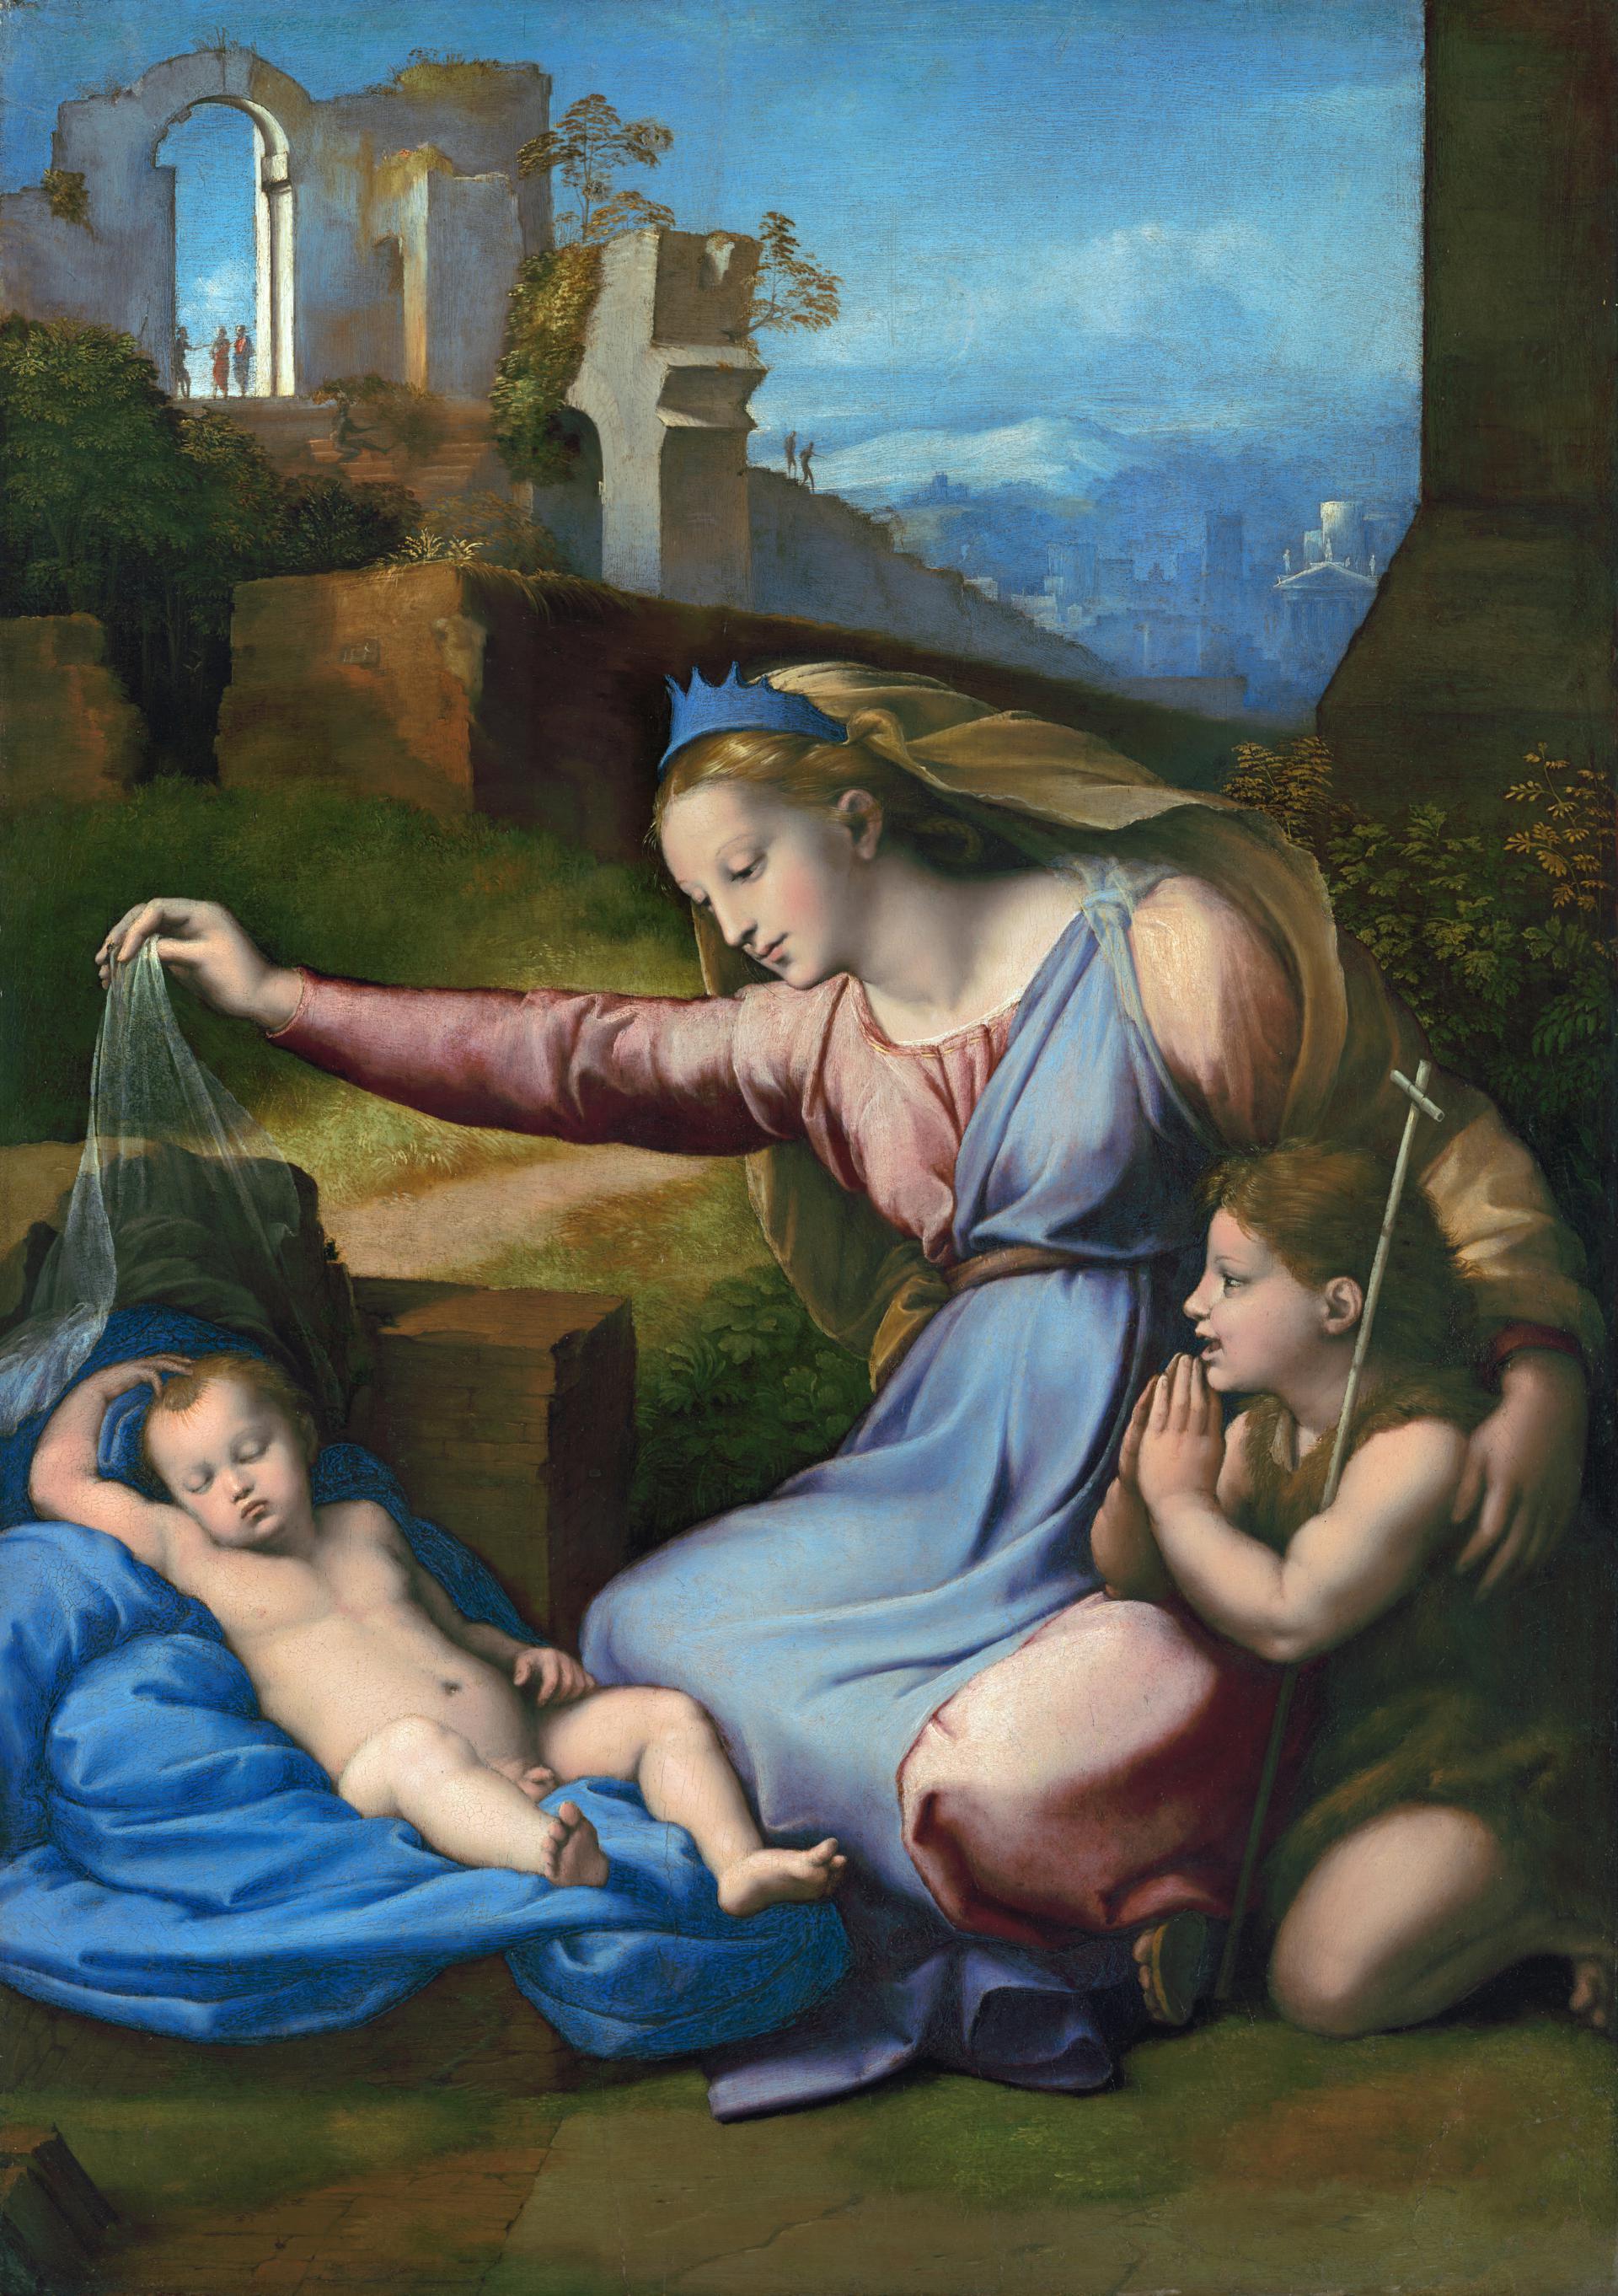 0060_拉斐尔绘画作品集油画专辑TIF-Raffaello-Sanzio-63_8457x12000PX_TIF_72DPI_297_0